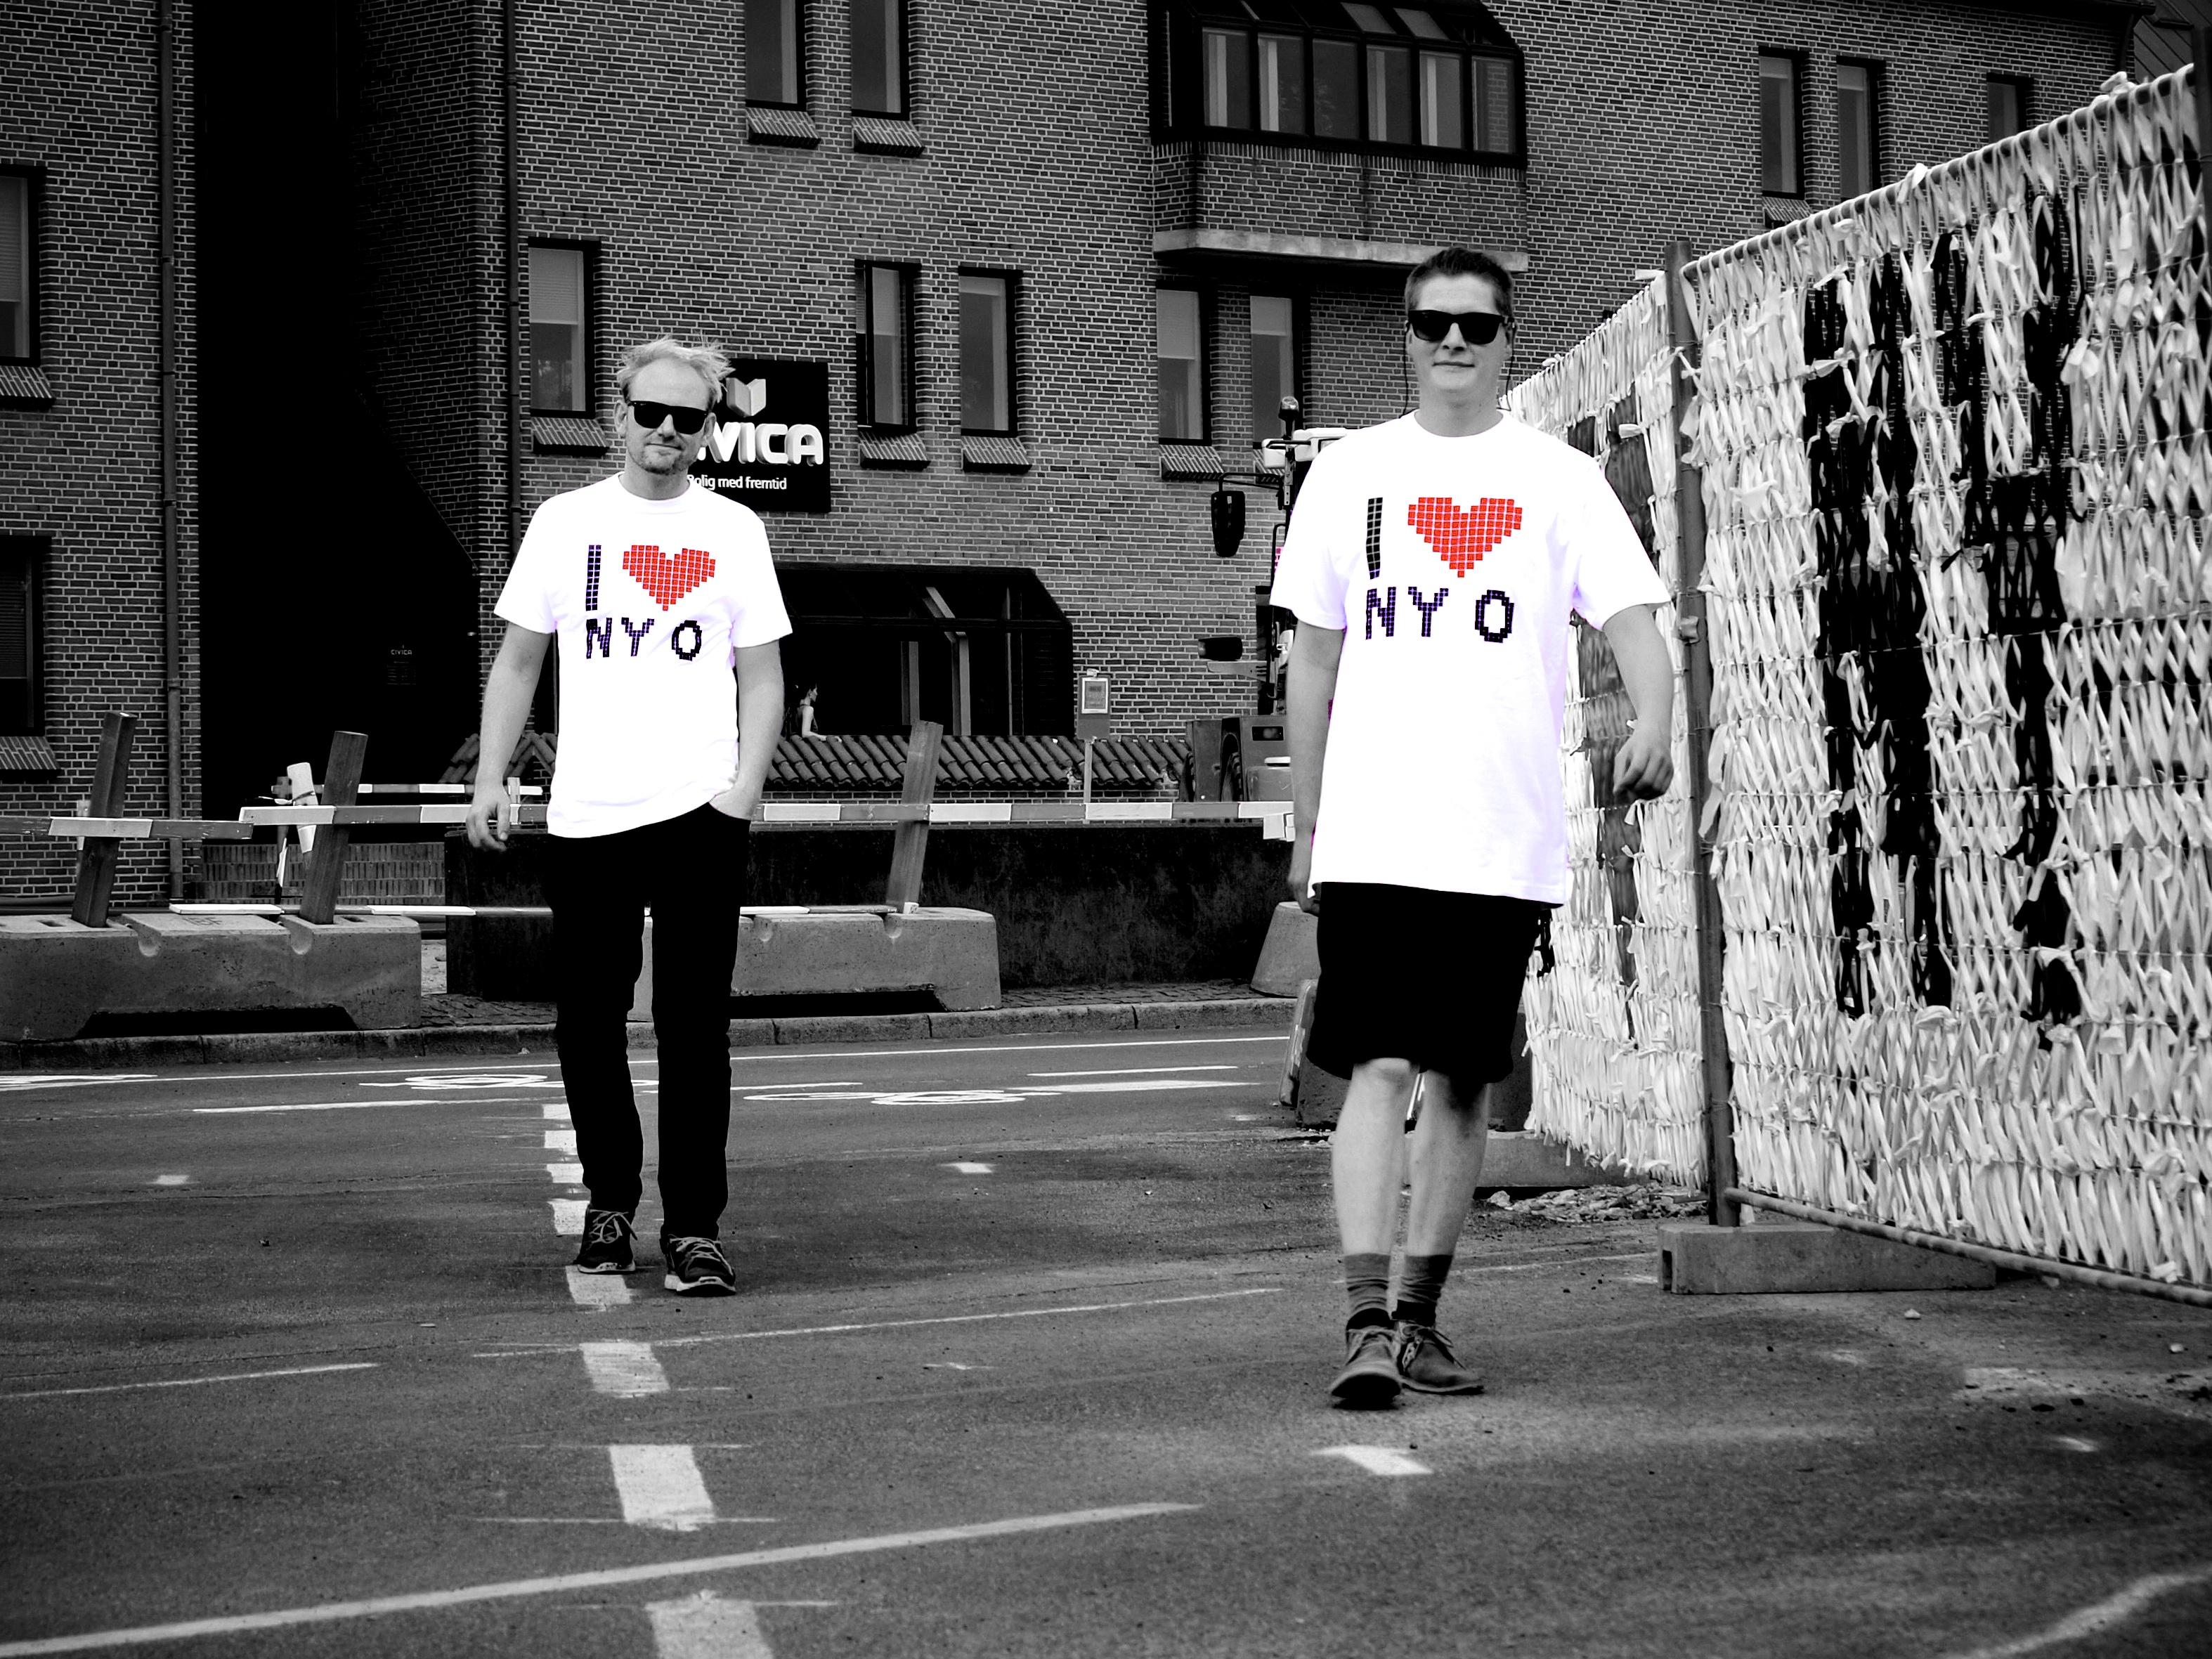 I LOVE NY O- T-shirt